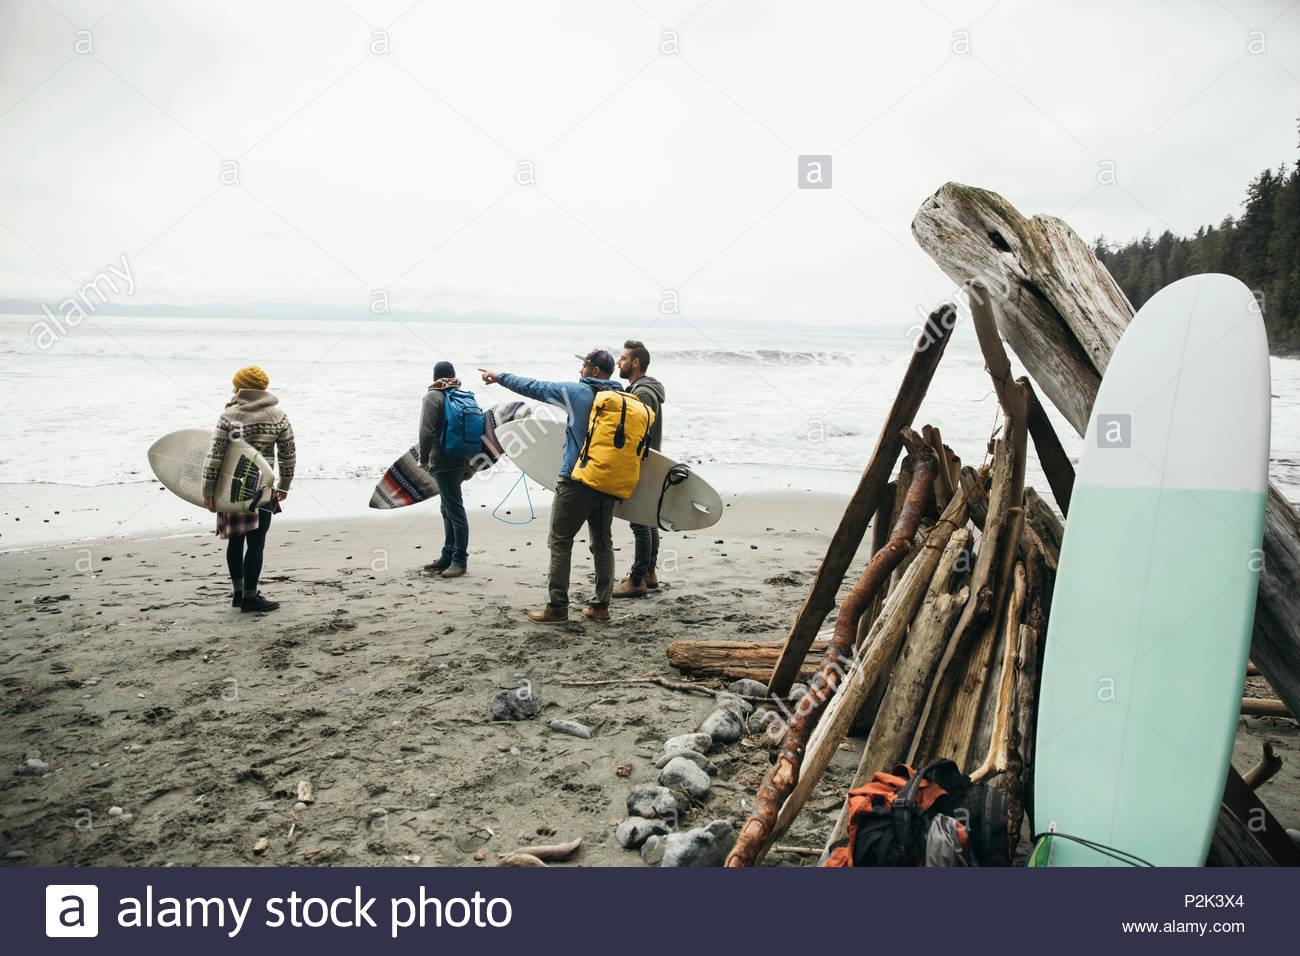 Amigos, disfrutando de una escapada de fin de semana de surf en playa resistente Imagen De Stock